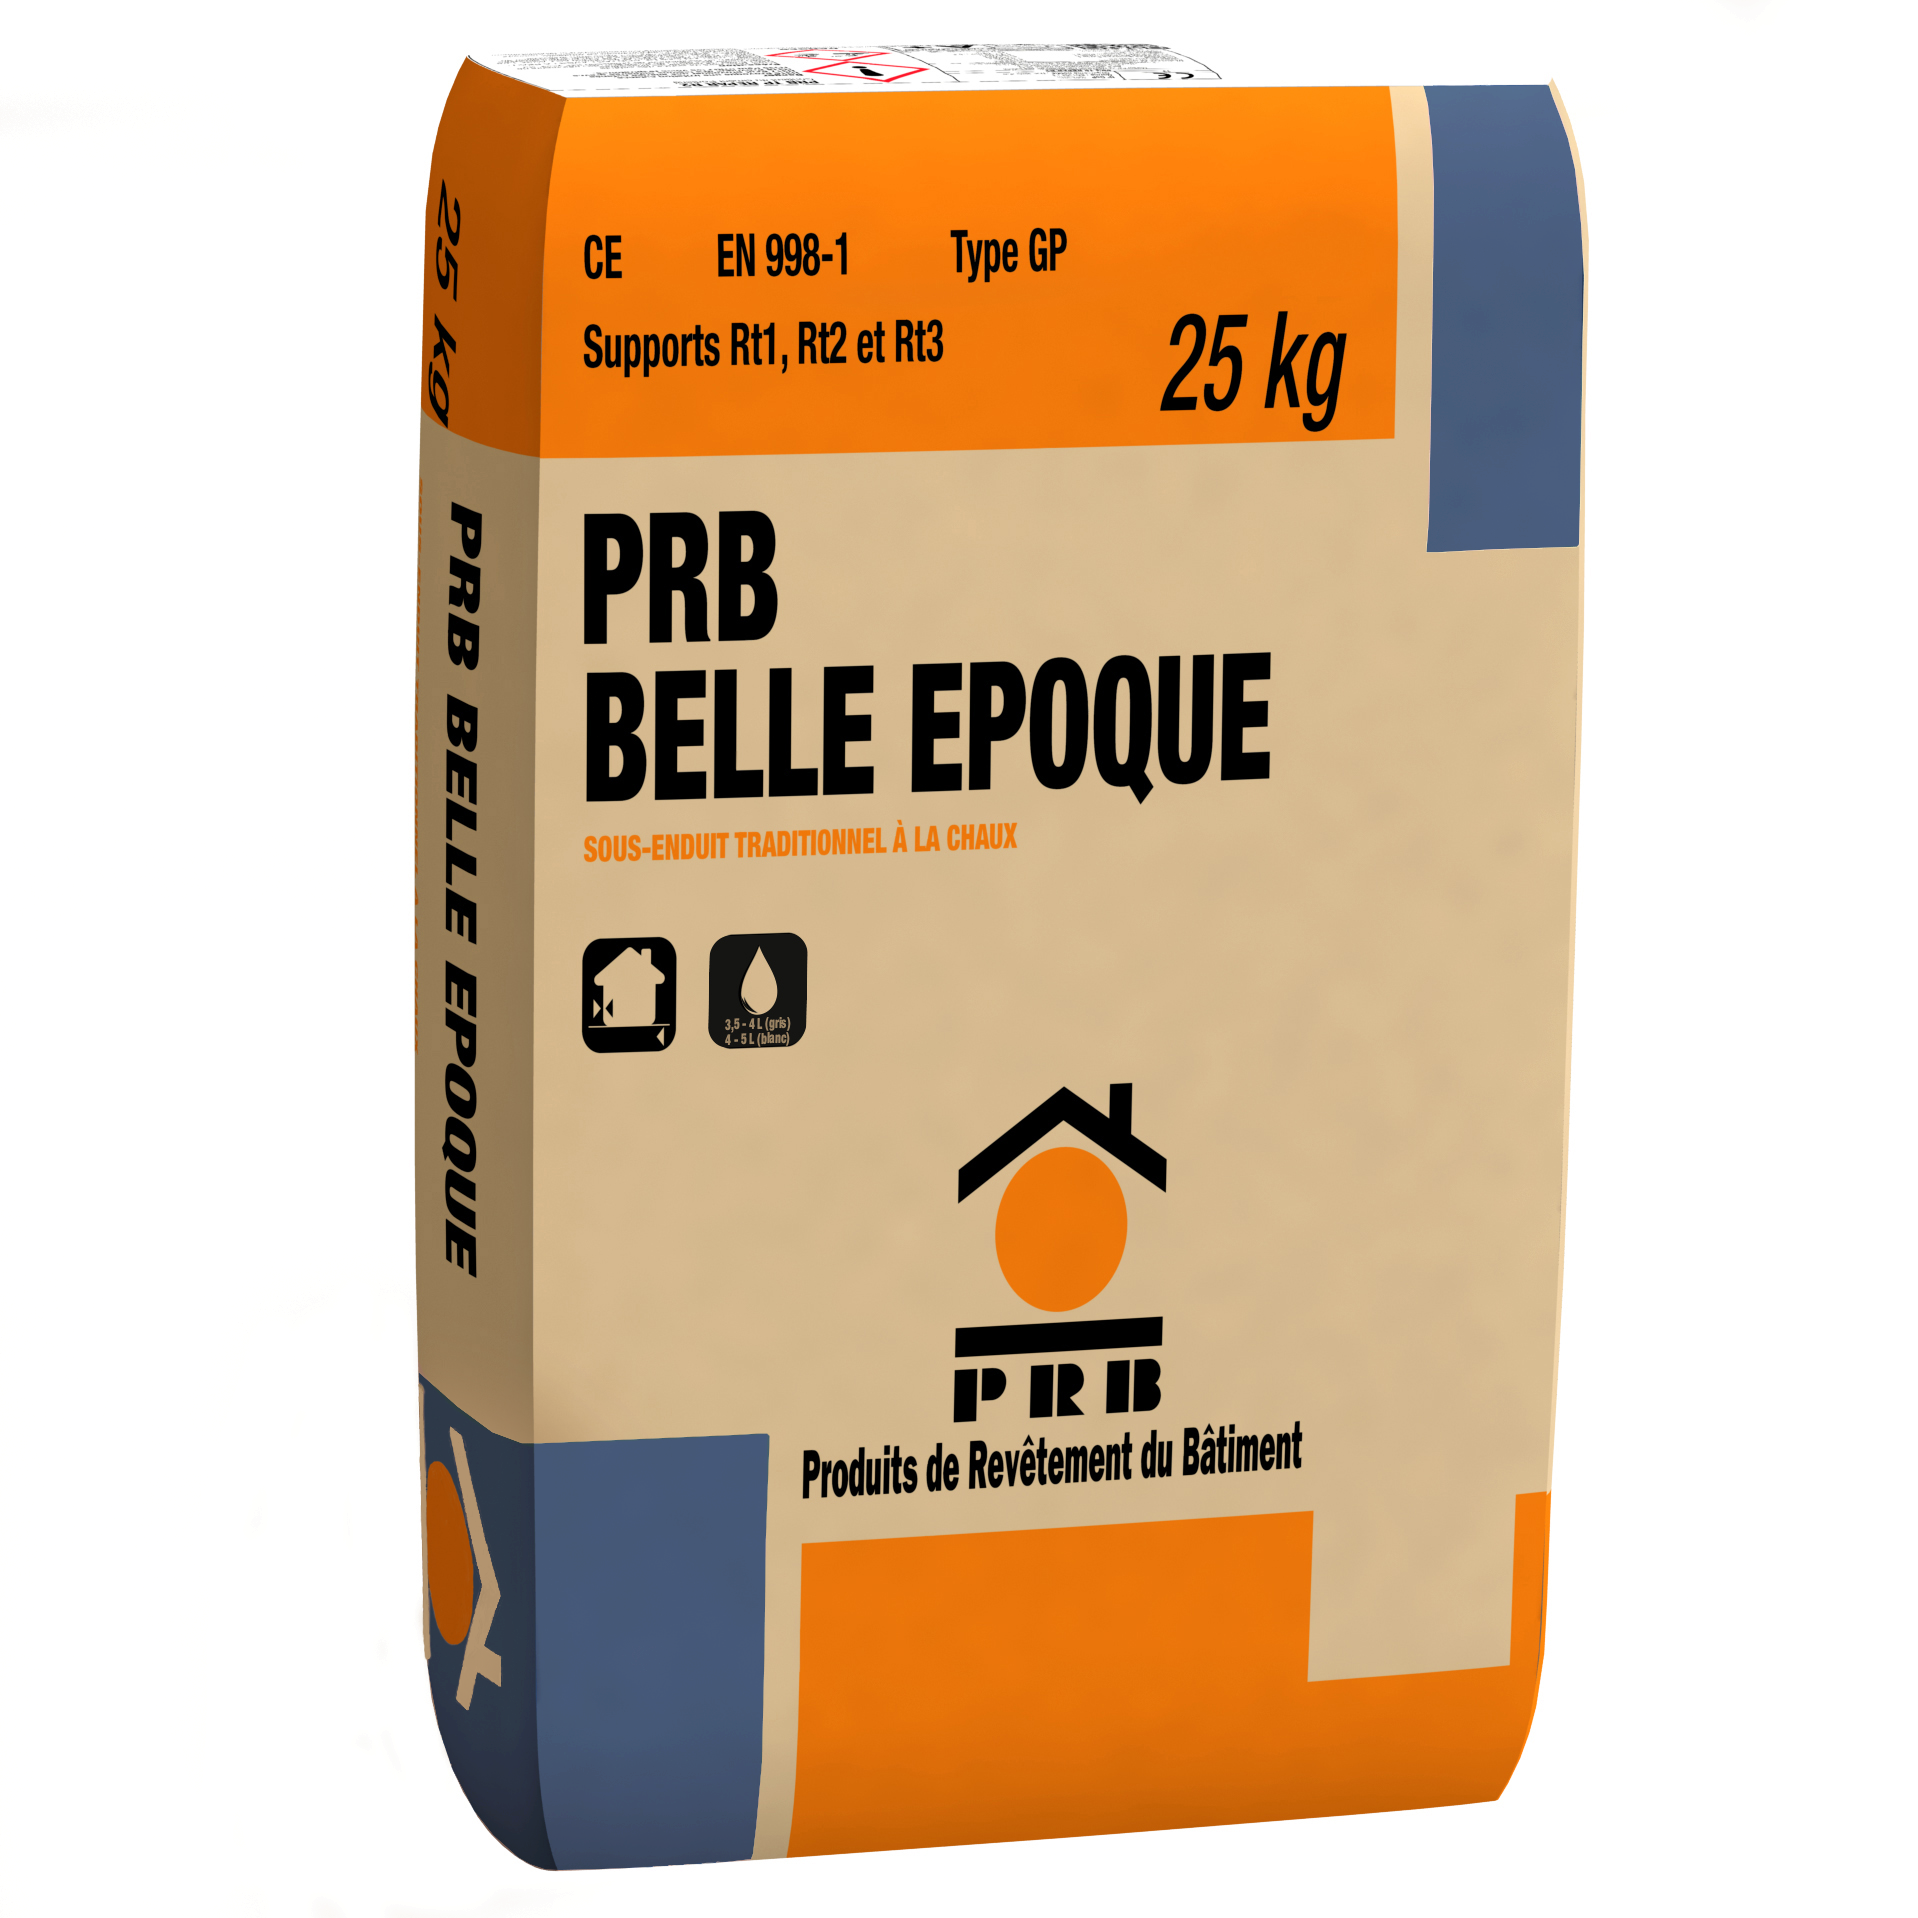 PRB BELLE EPOQUE SOUS-ENDUIT 25 KG